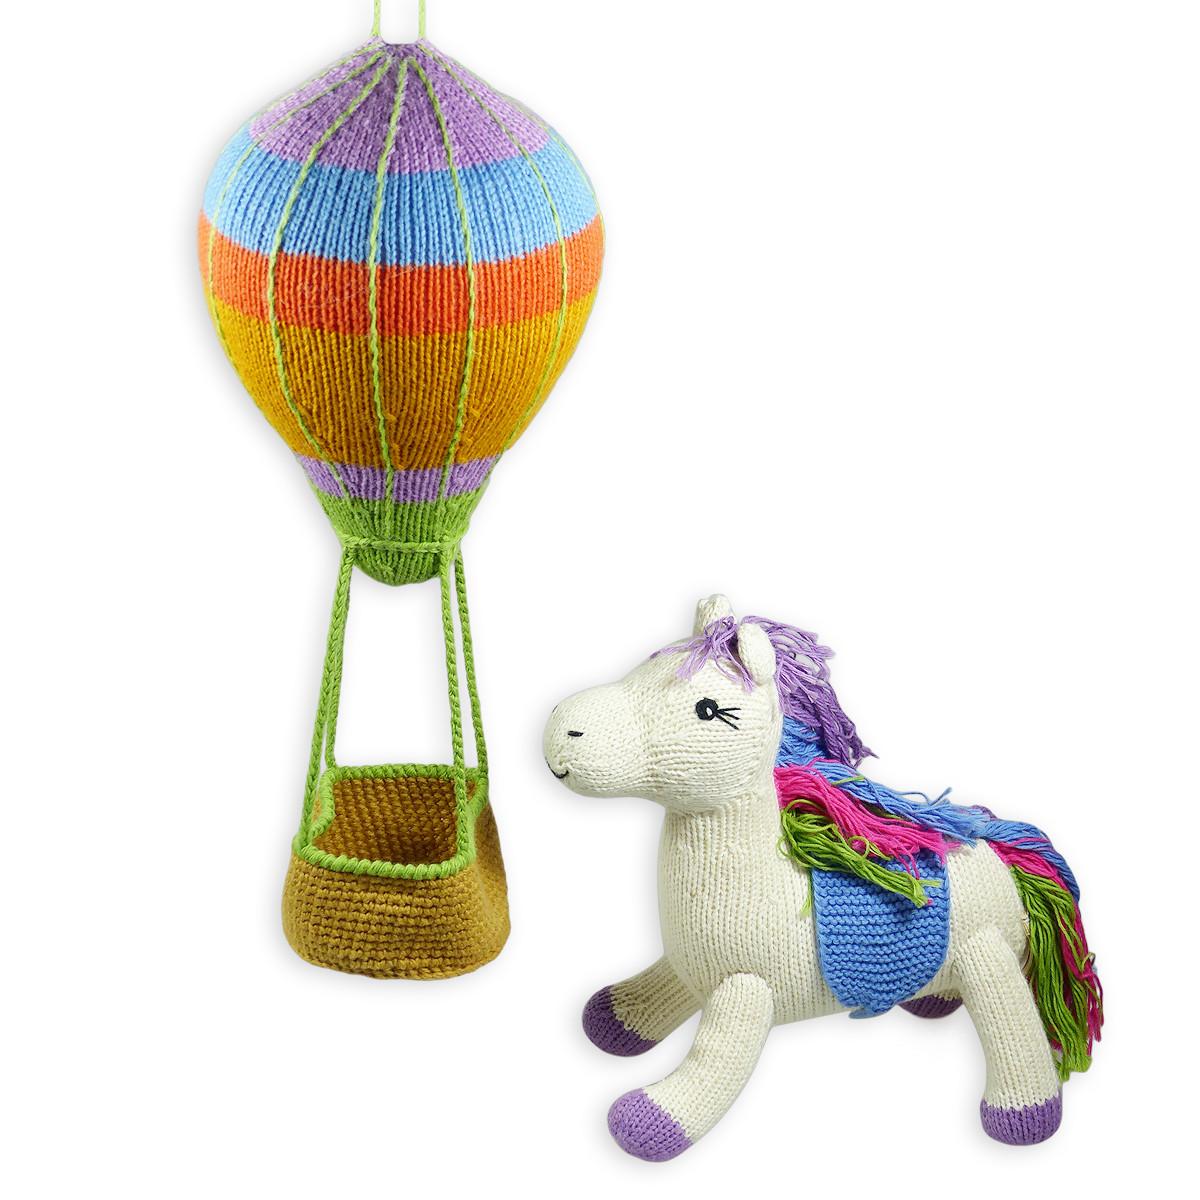 Chill n Feel - Geschenk zur Geburt von Baby-Mädchen Heißluftballon Mobile und Einhorn (4)